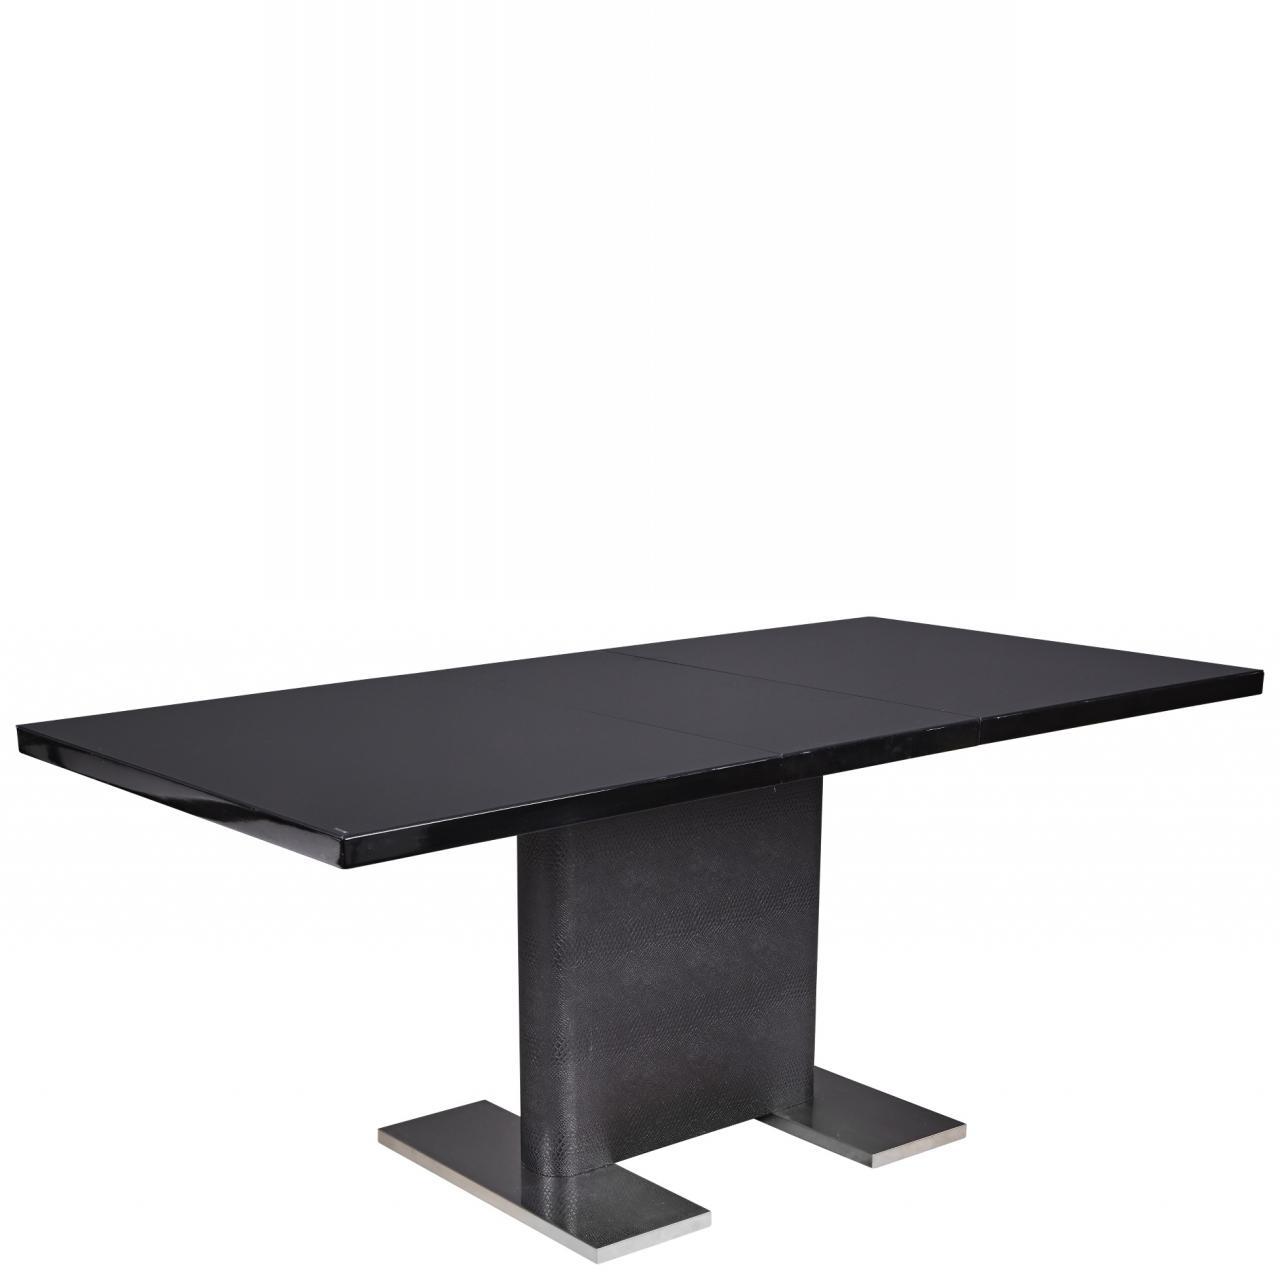 Esstisch Stanley schwarz Glas Edelstahl Küchentisch Tisch Küche Esszimmer